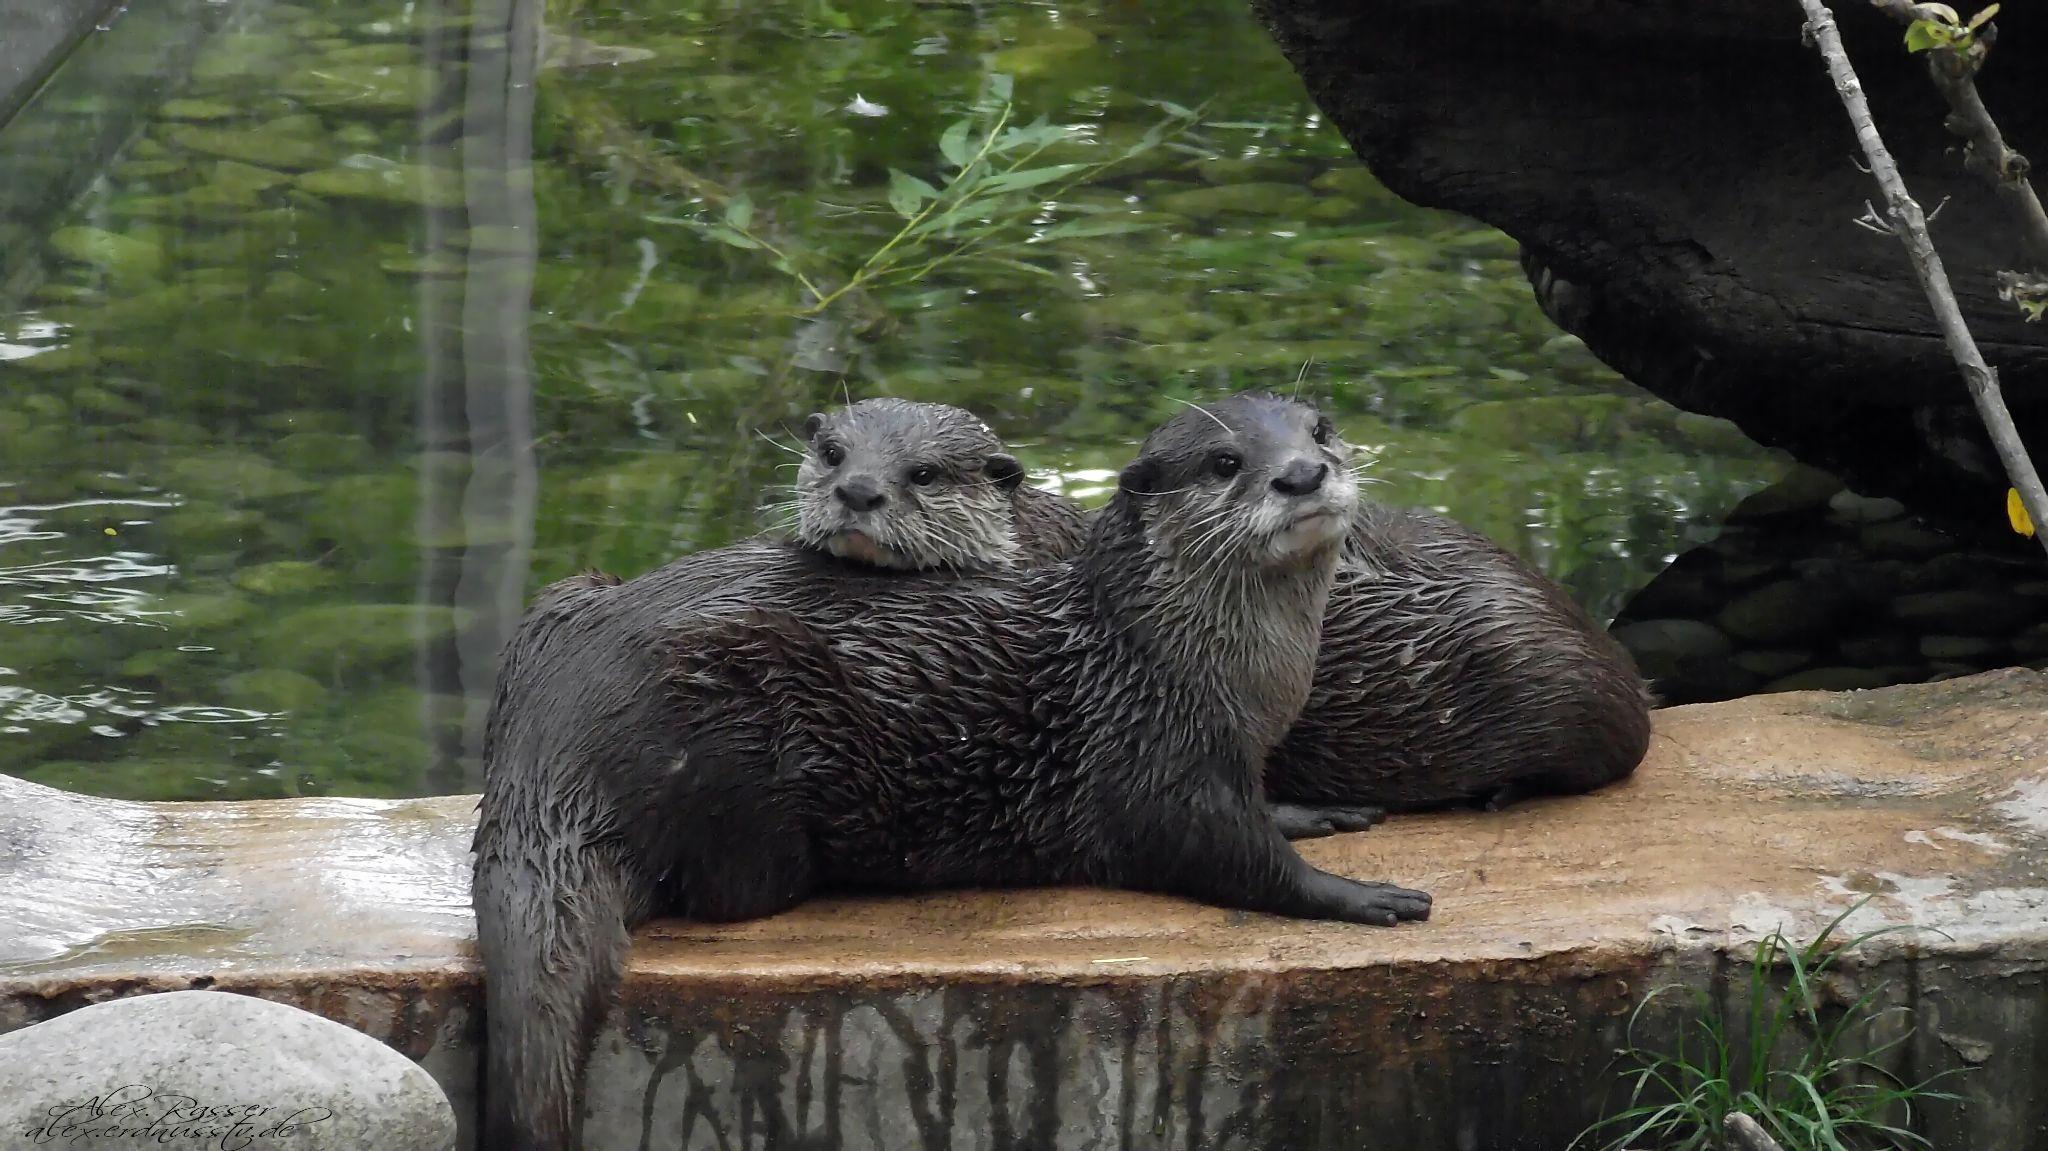 Otter by alexrasser